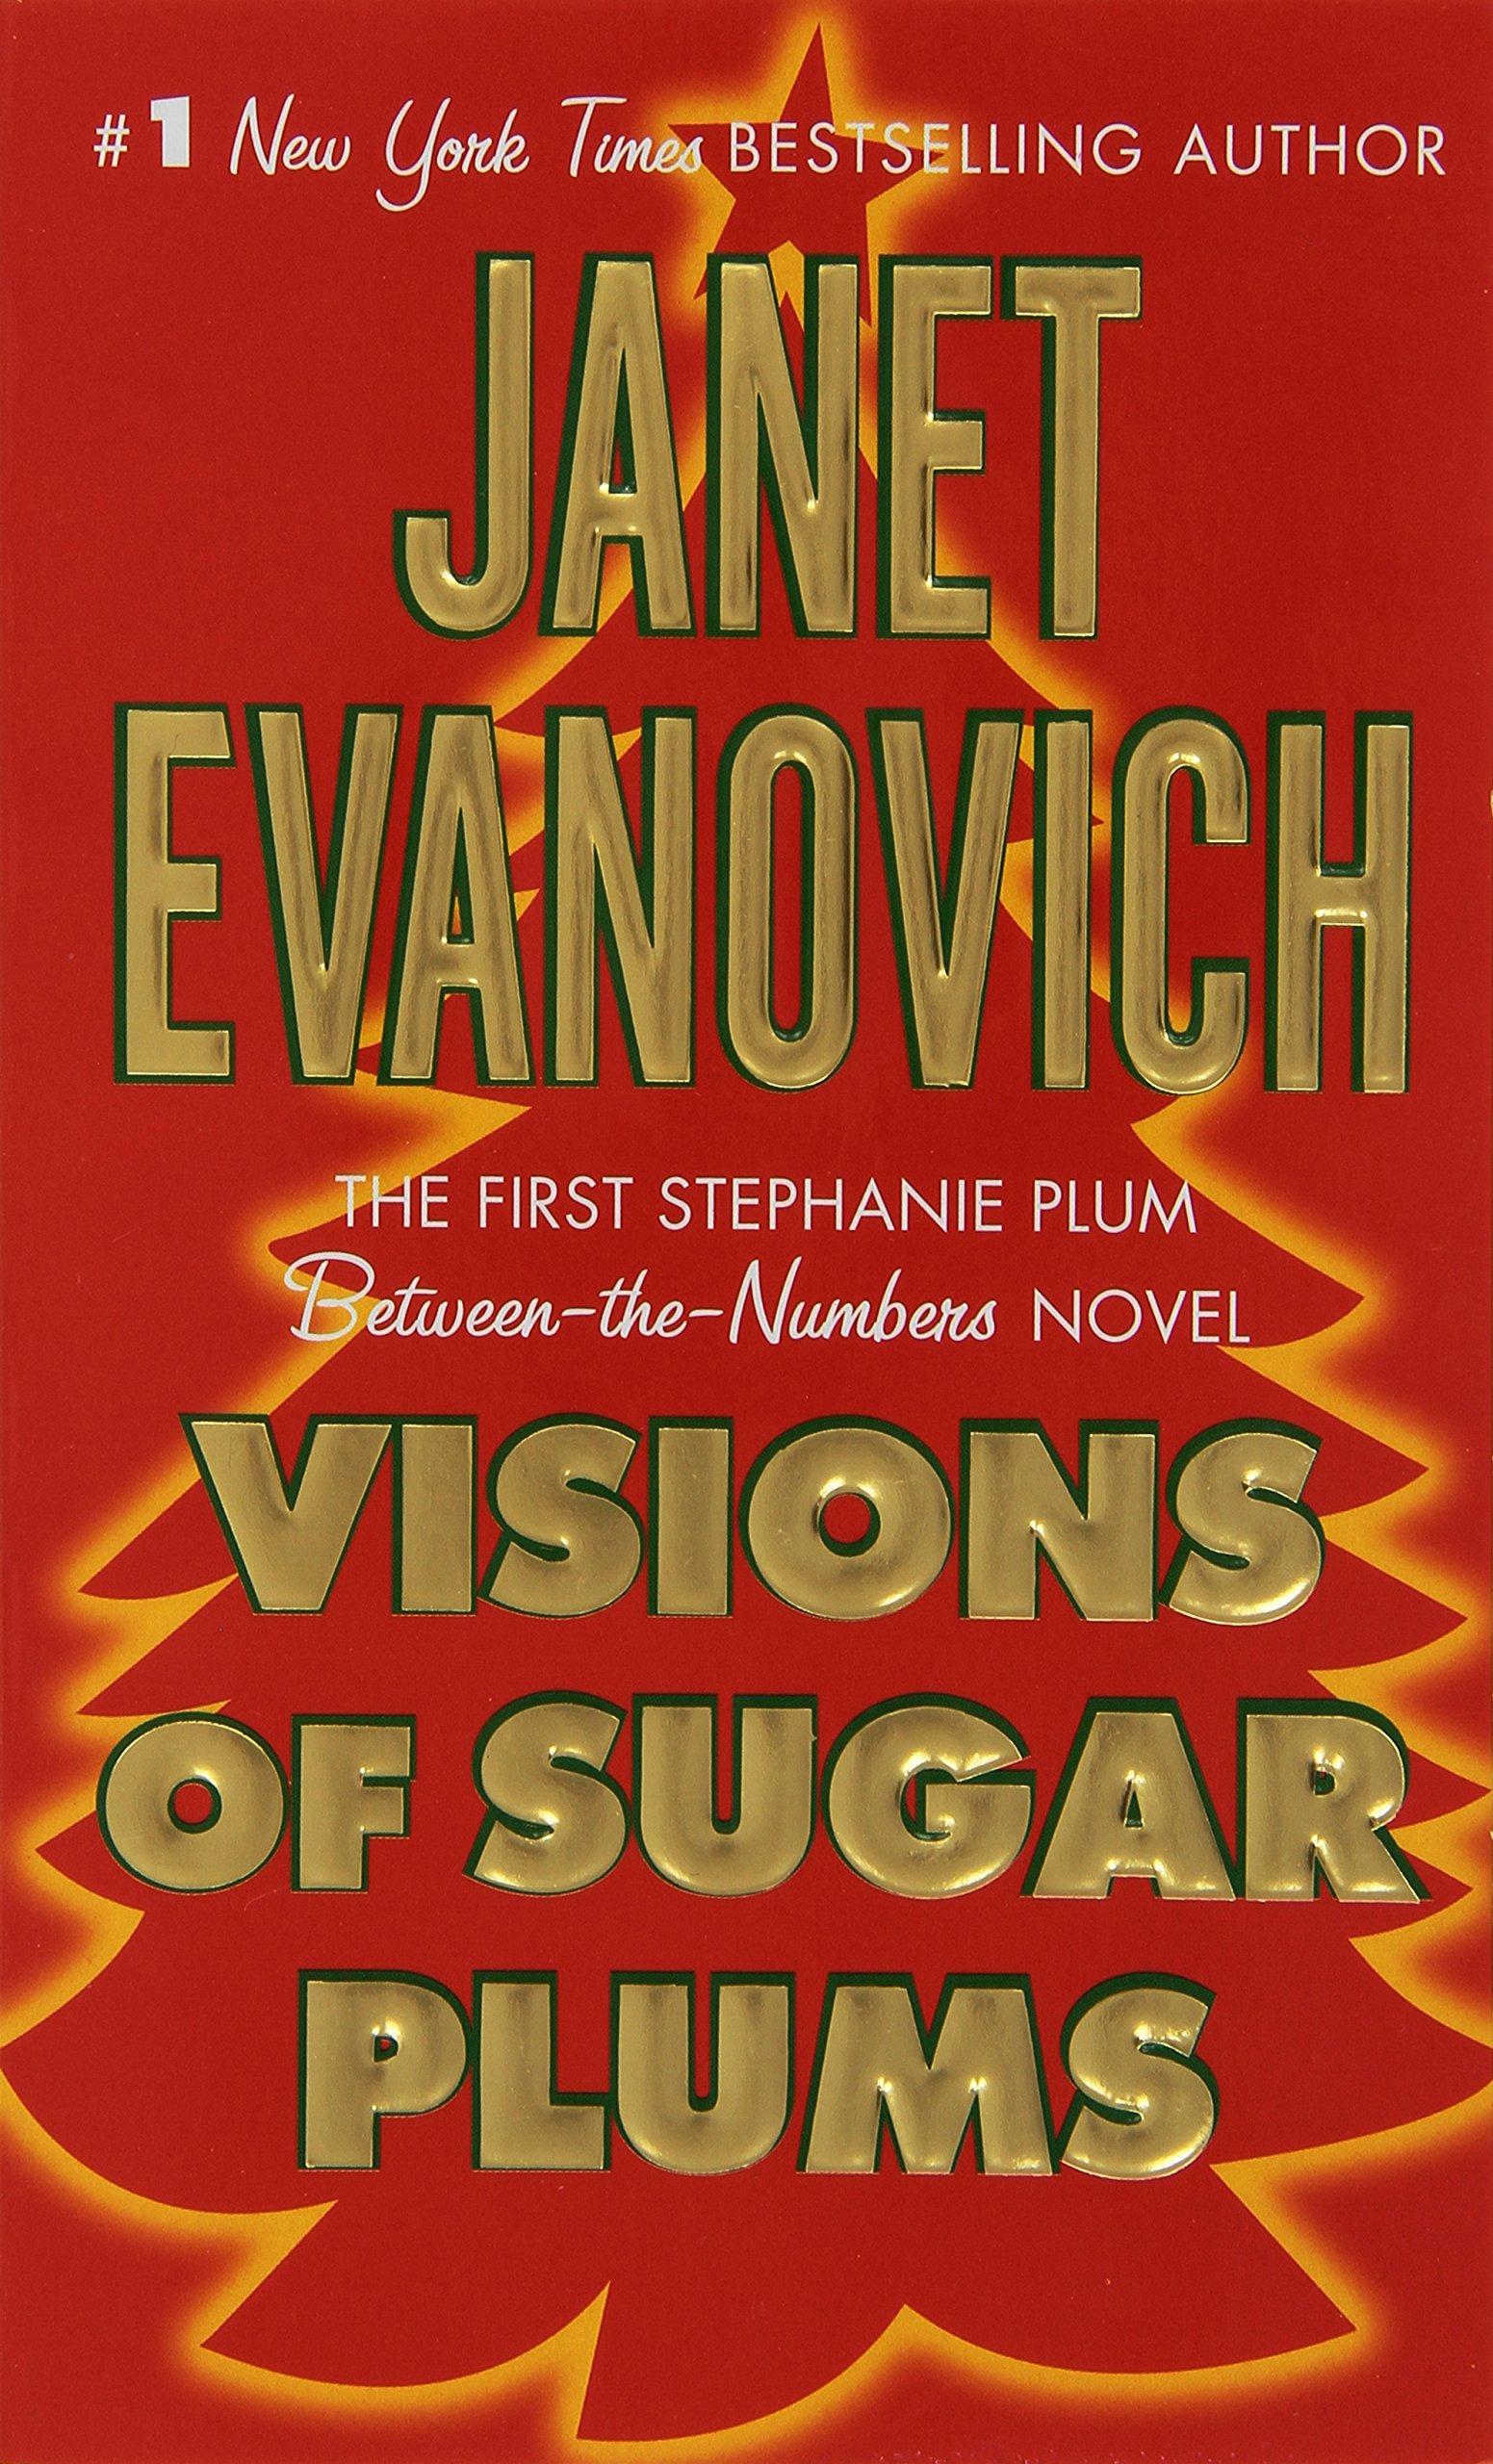 Znalezione obrazy dla zapytania Janet Evanovich : Visions of Sugar Plums